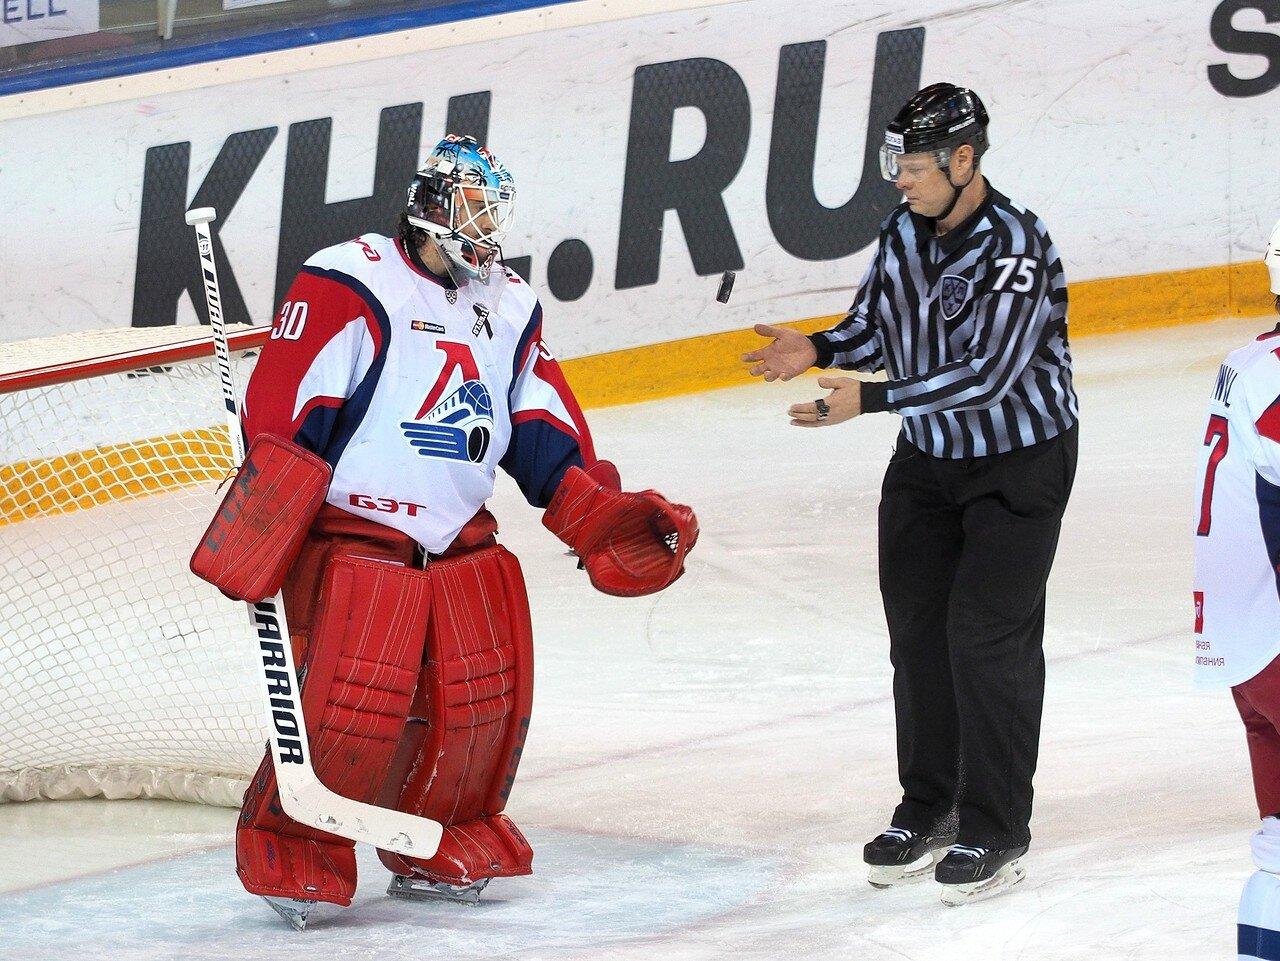 Металлург - Локомотив 23.11.2016